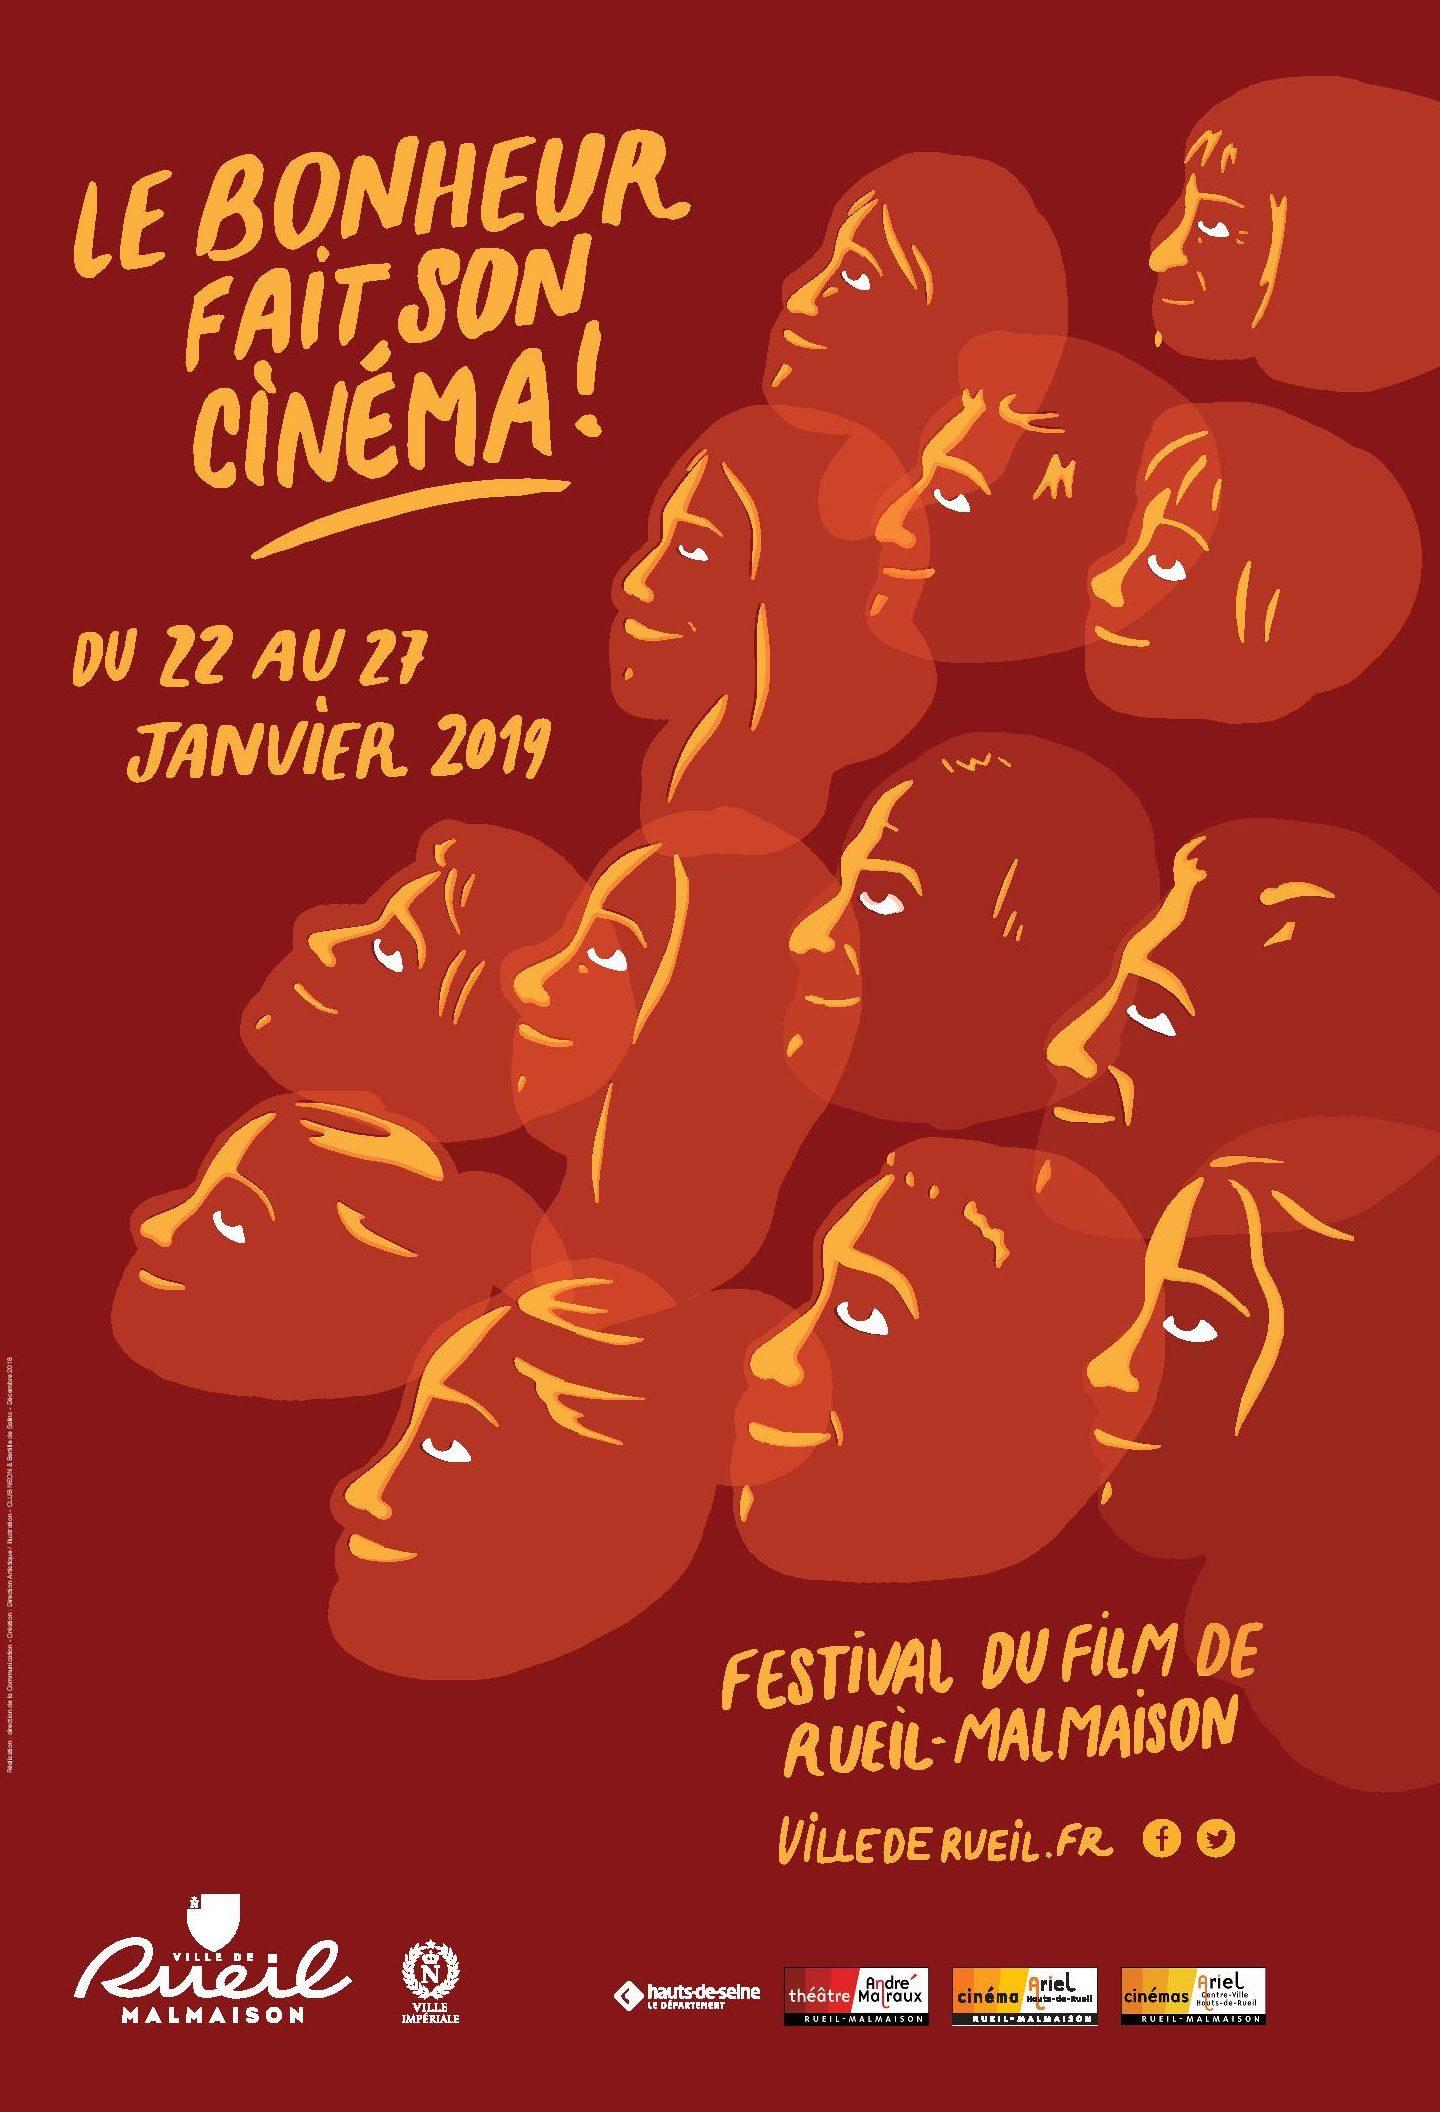 Le bonheur fait son cinéma by Les Ecrans Terribles